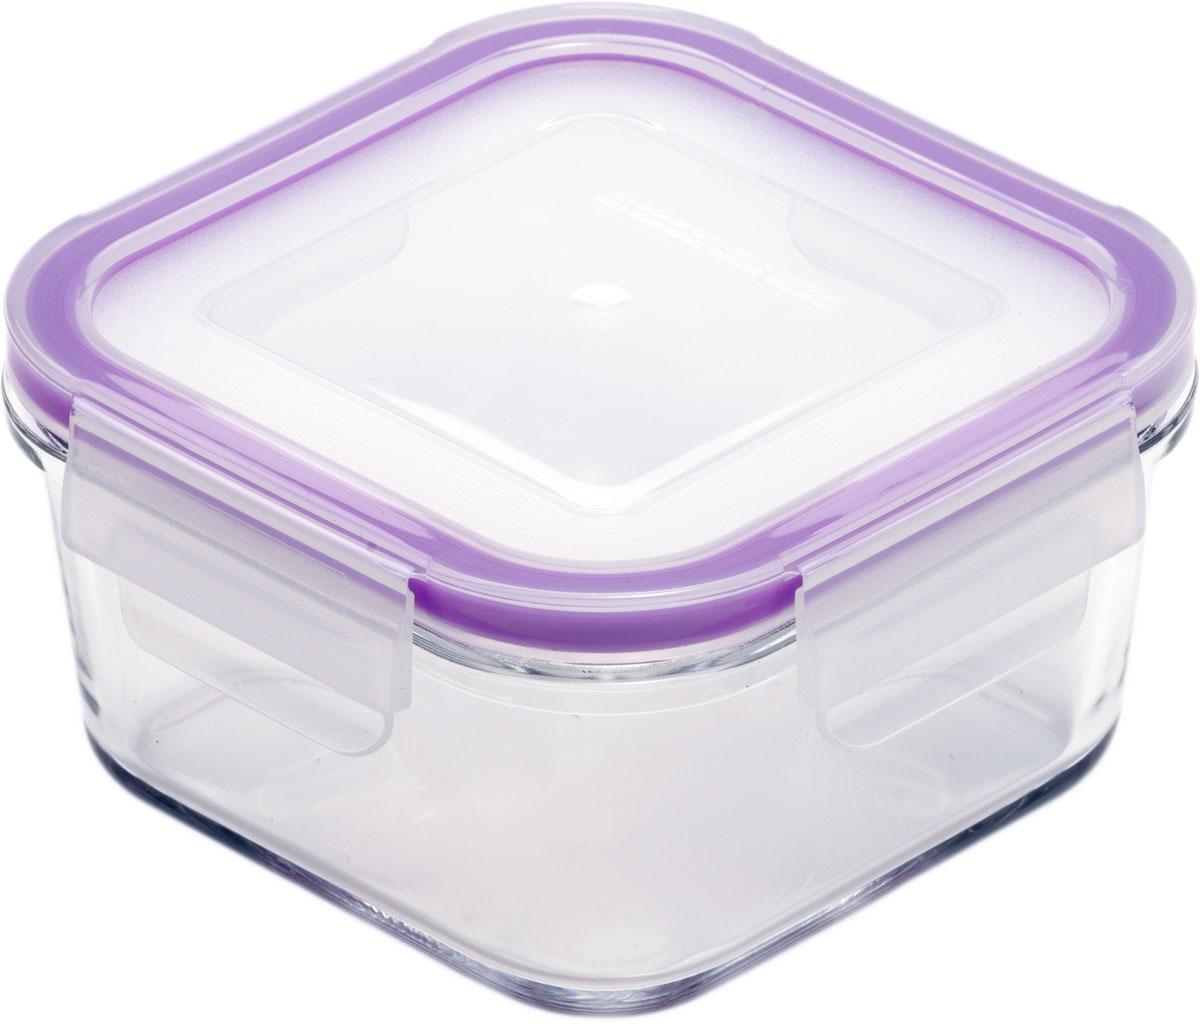 Контейнер пищевой Eley, квадратный, цвет: баклажан , 450 мл контейнер пищевой вакуумный bekker квадратный 330 мл